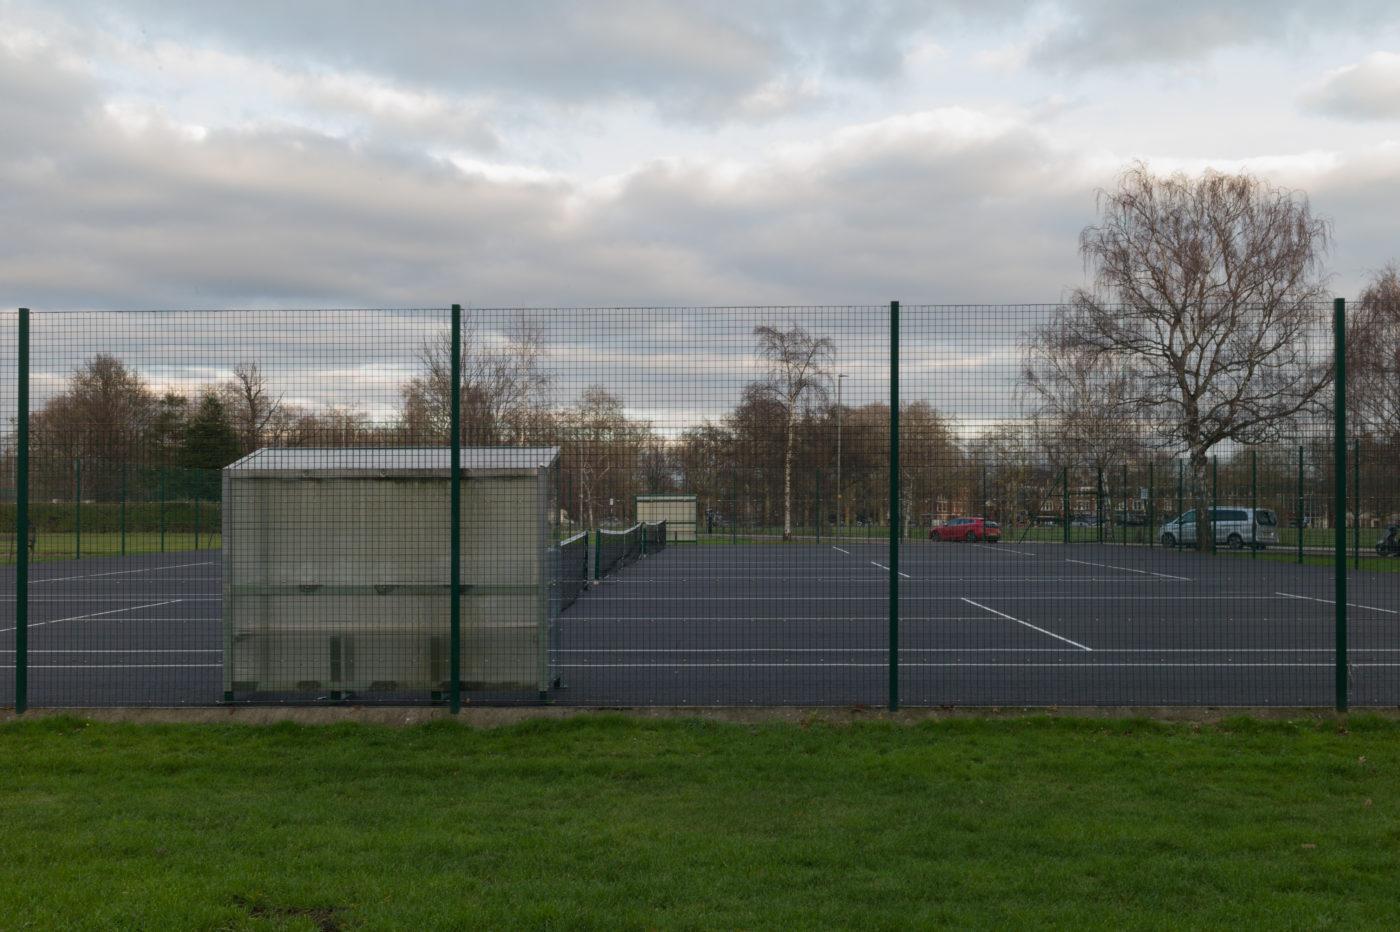 Clapham Common Tennis Court